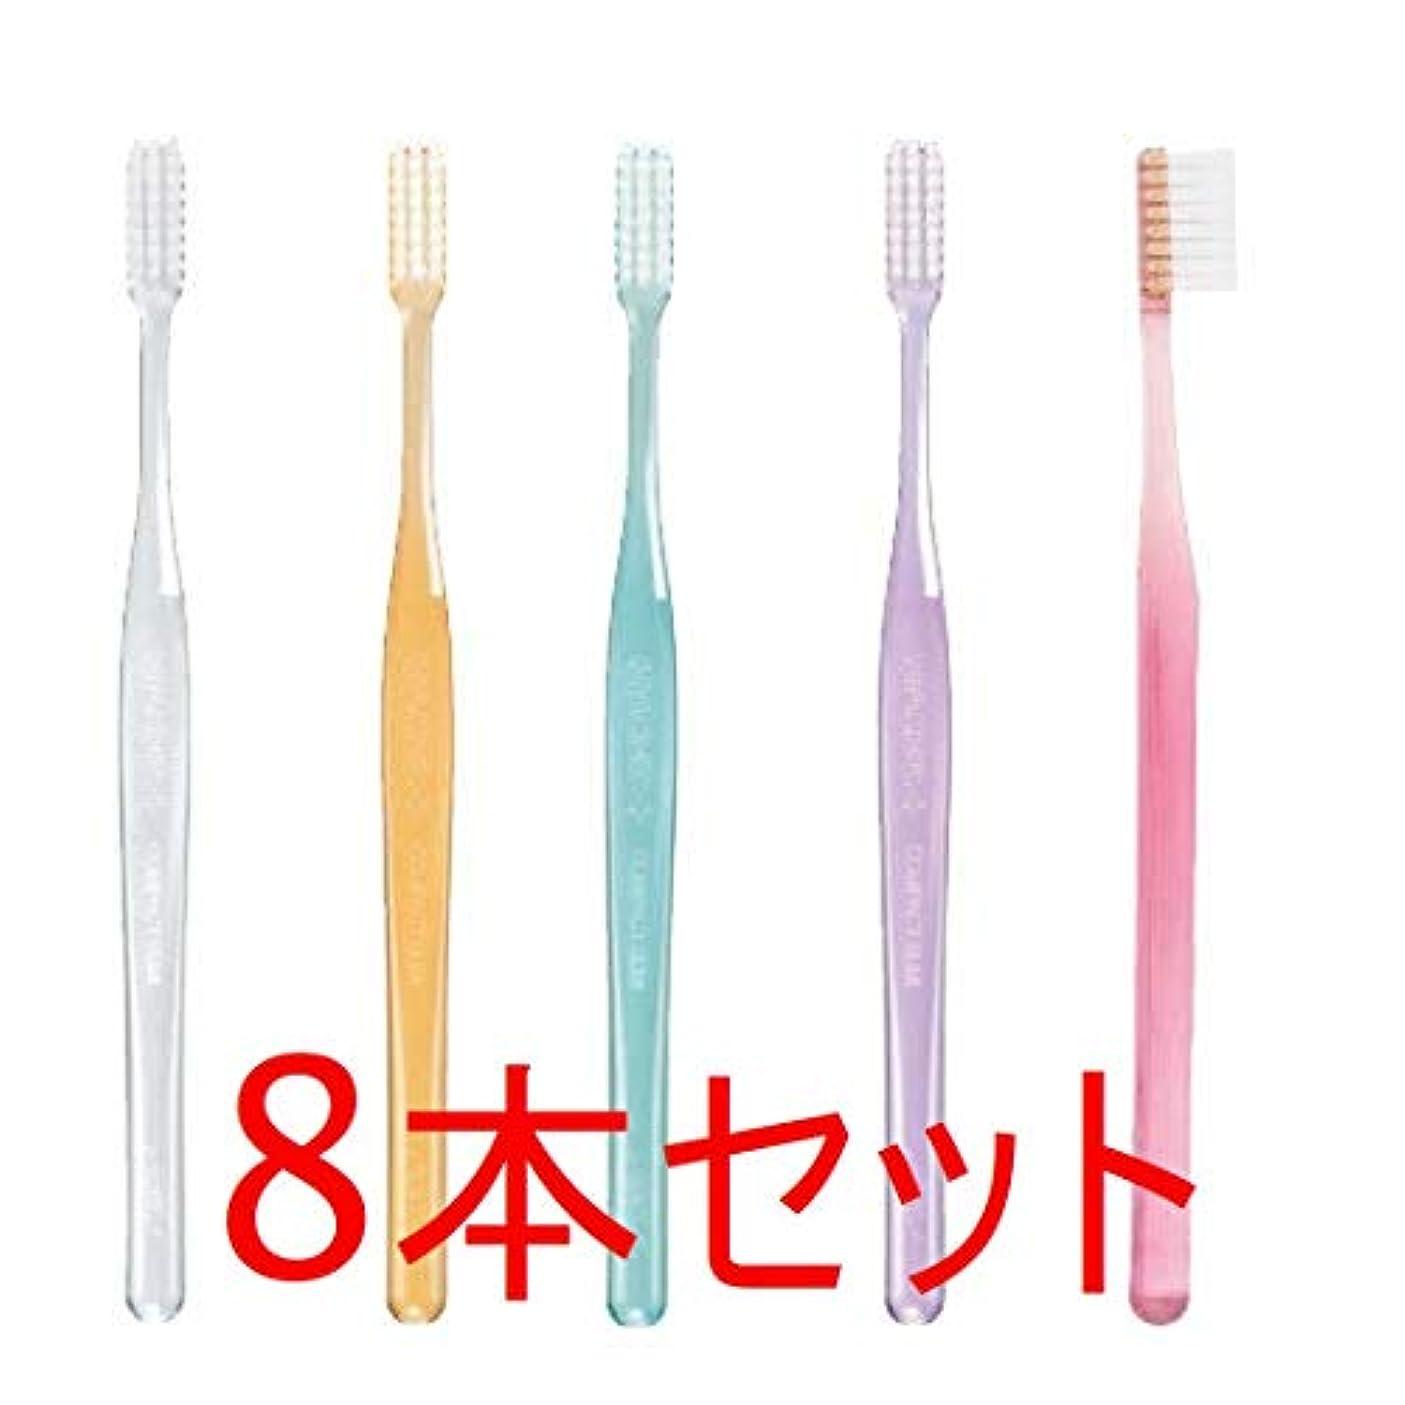 請うナチュラビームGC プロスペック 歯ブラシ プラス コンパクトスリム 8本 クリアー色 (M(ふつう), おまかせ)